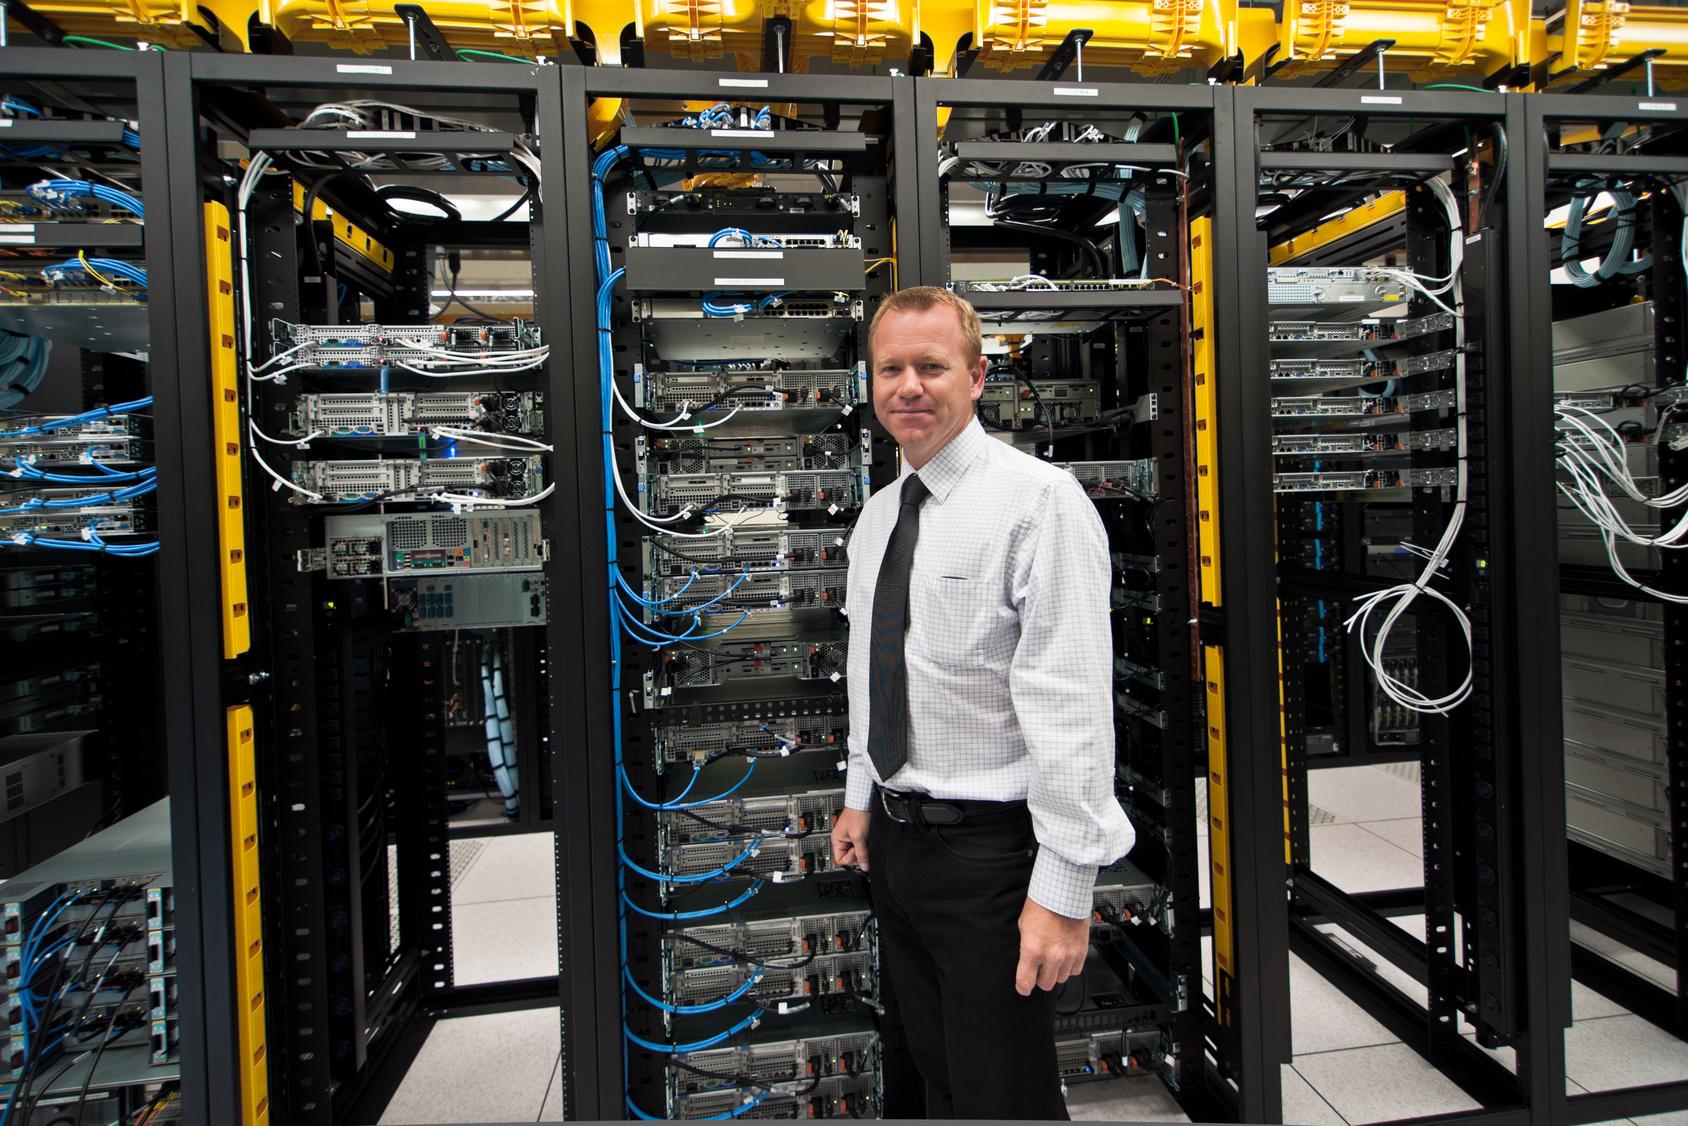 Okablowanie pionowe i poziome filarami strukturalnych sieci LAN